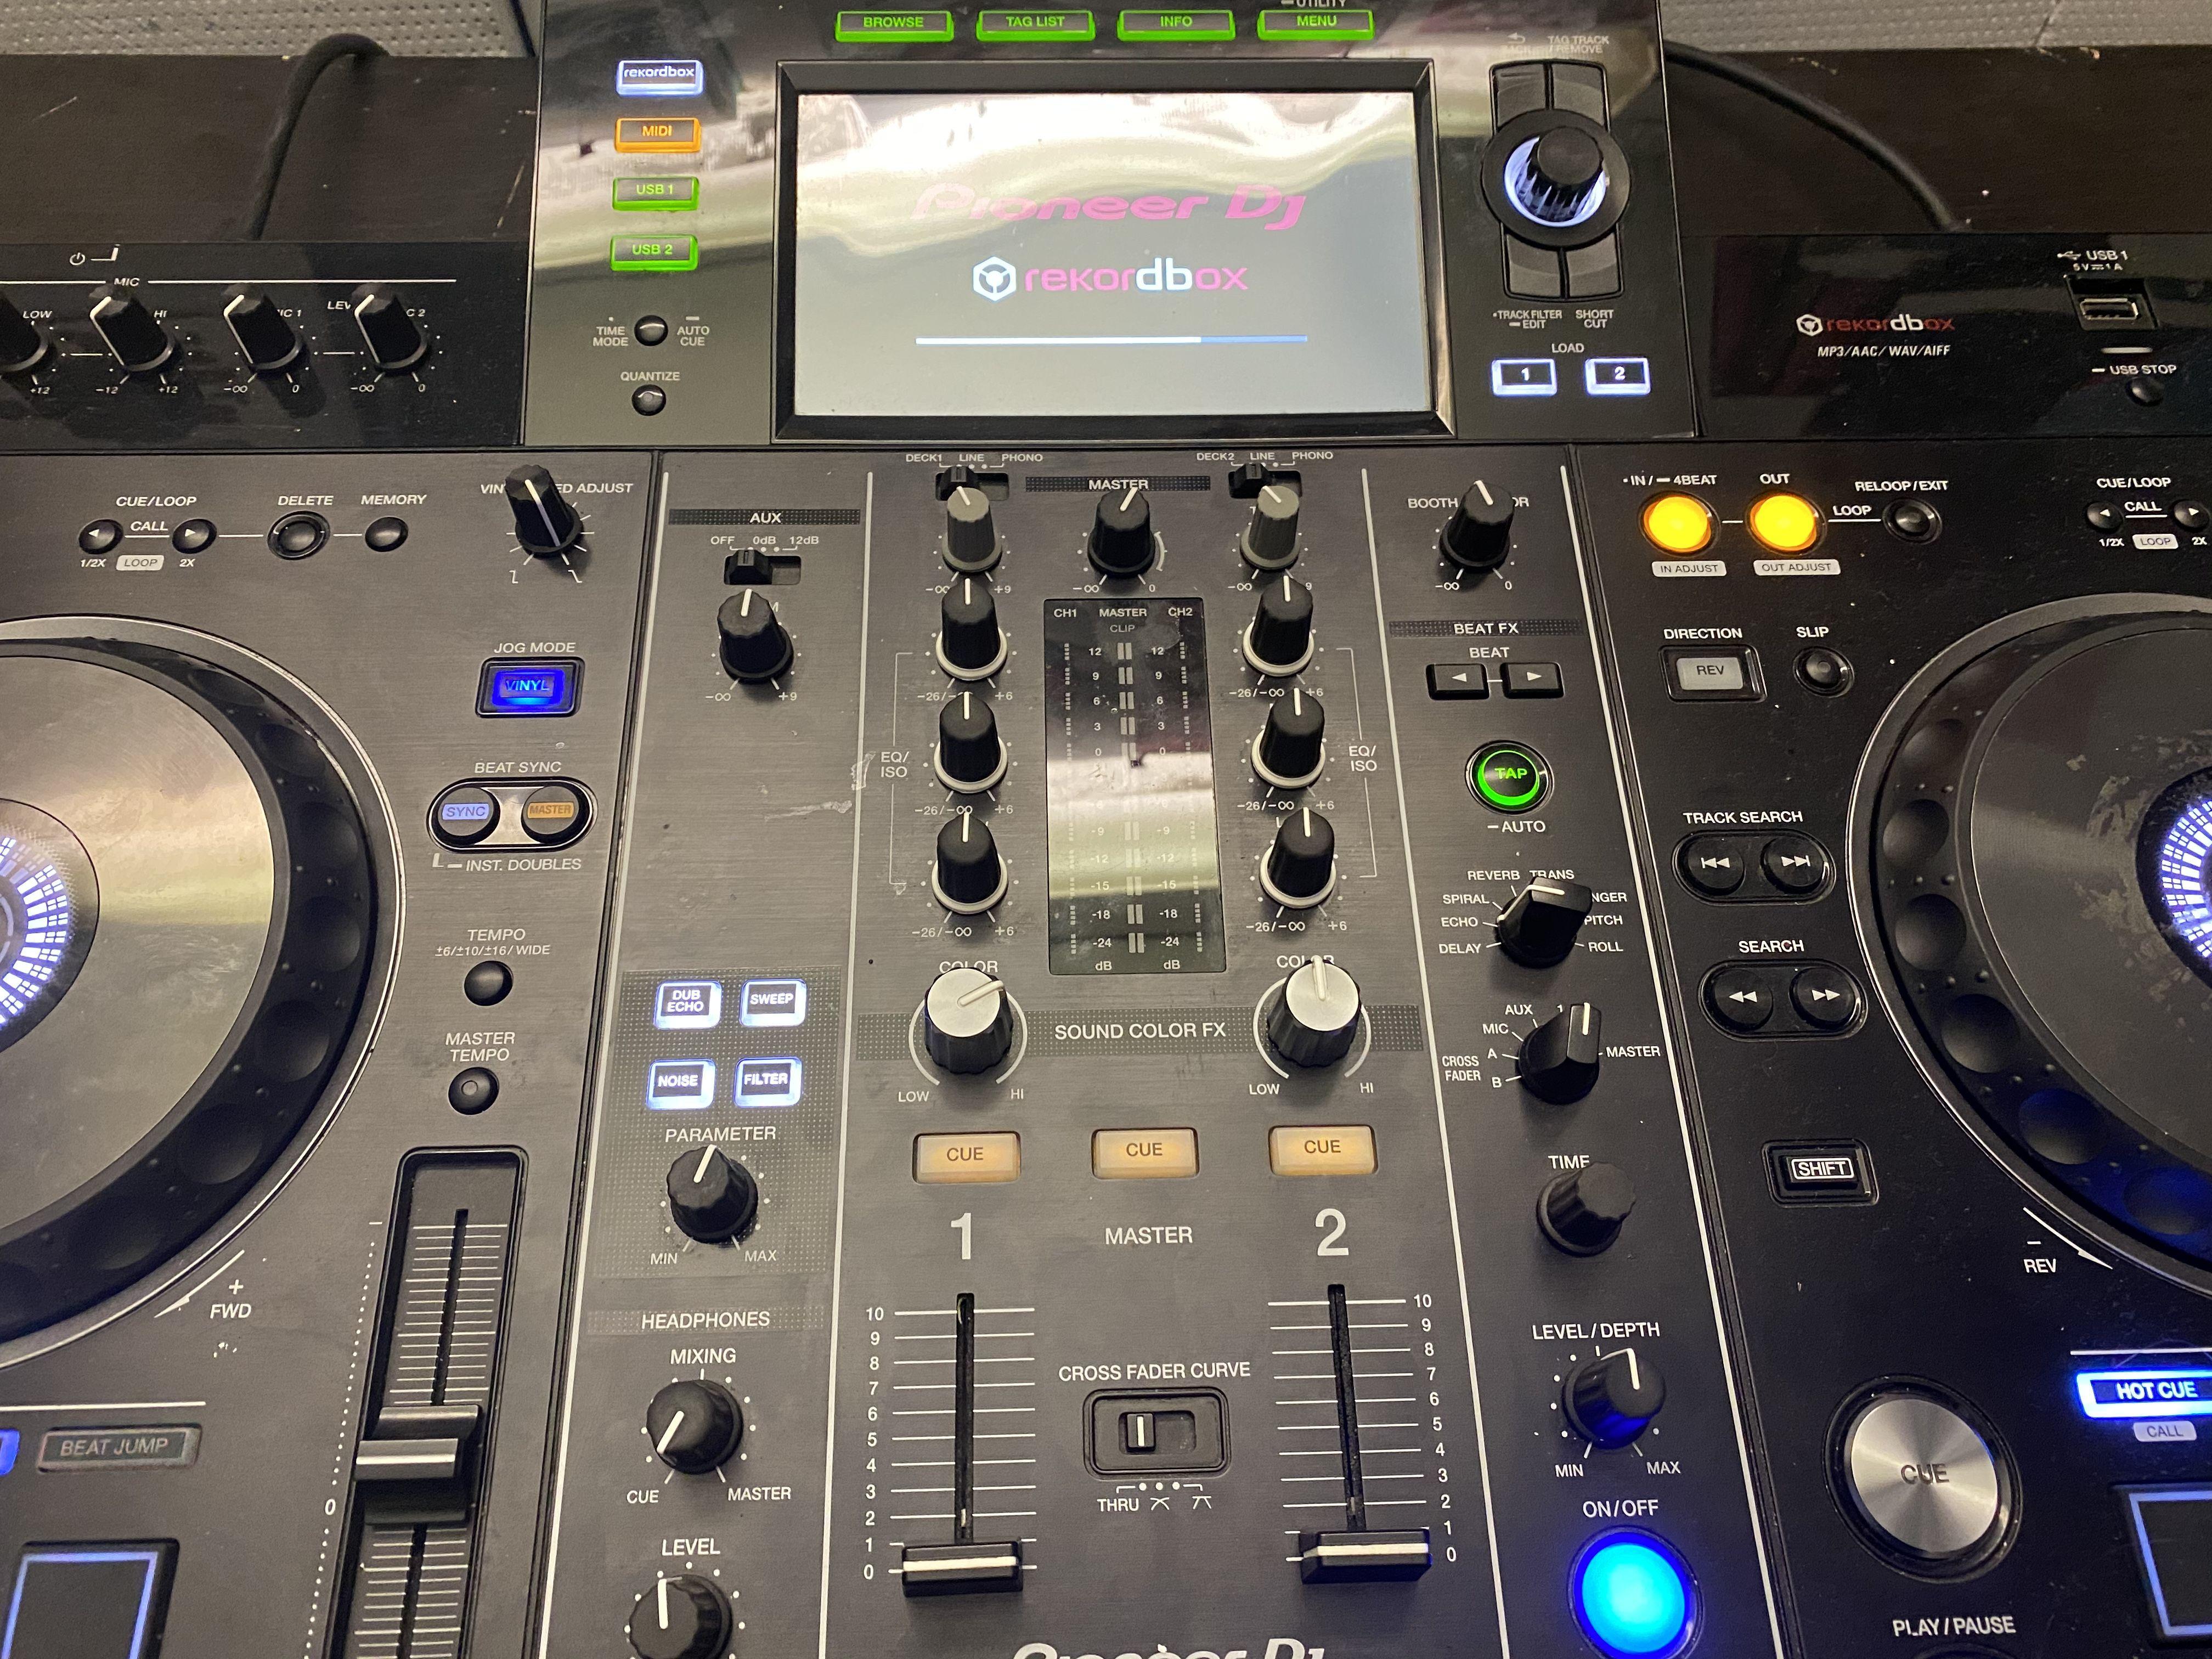 Lezioni dj/produzione musica elettronica